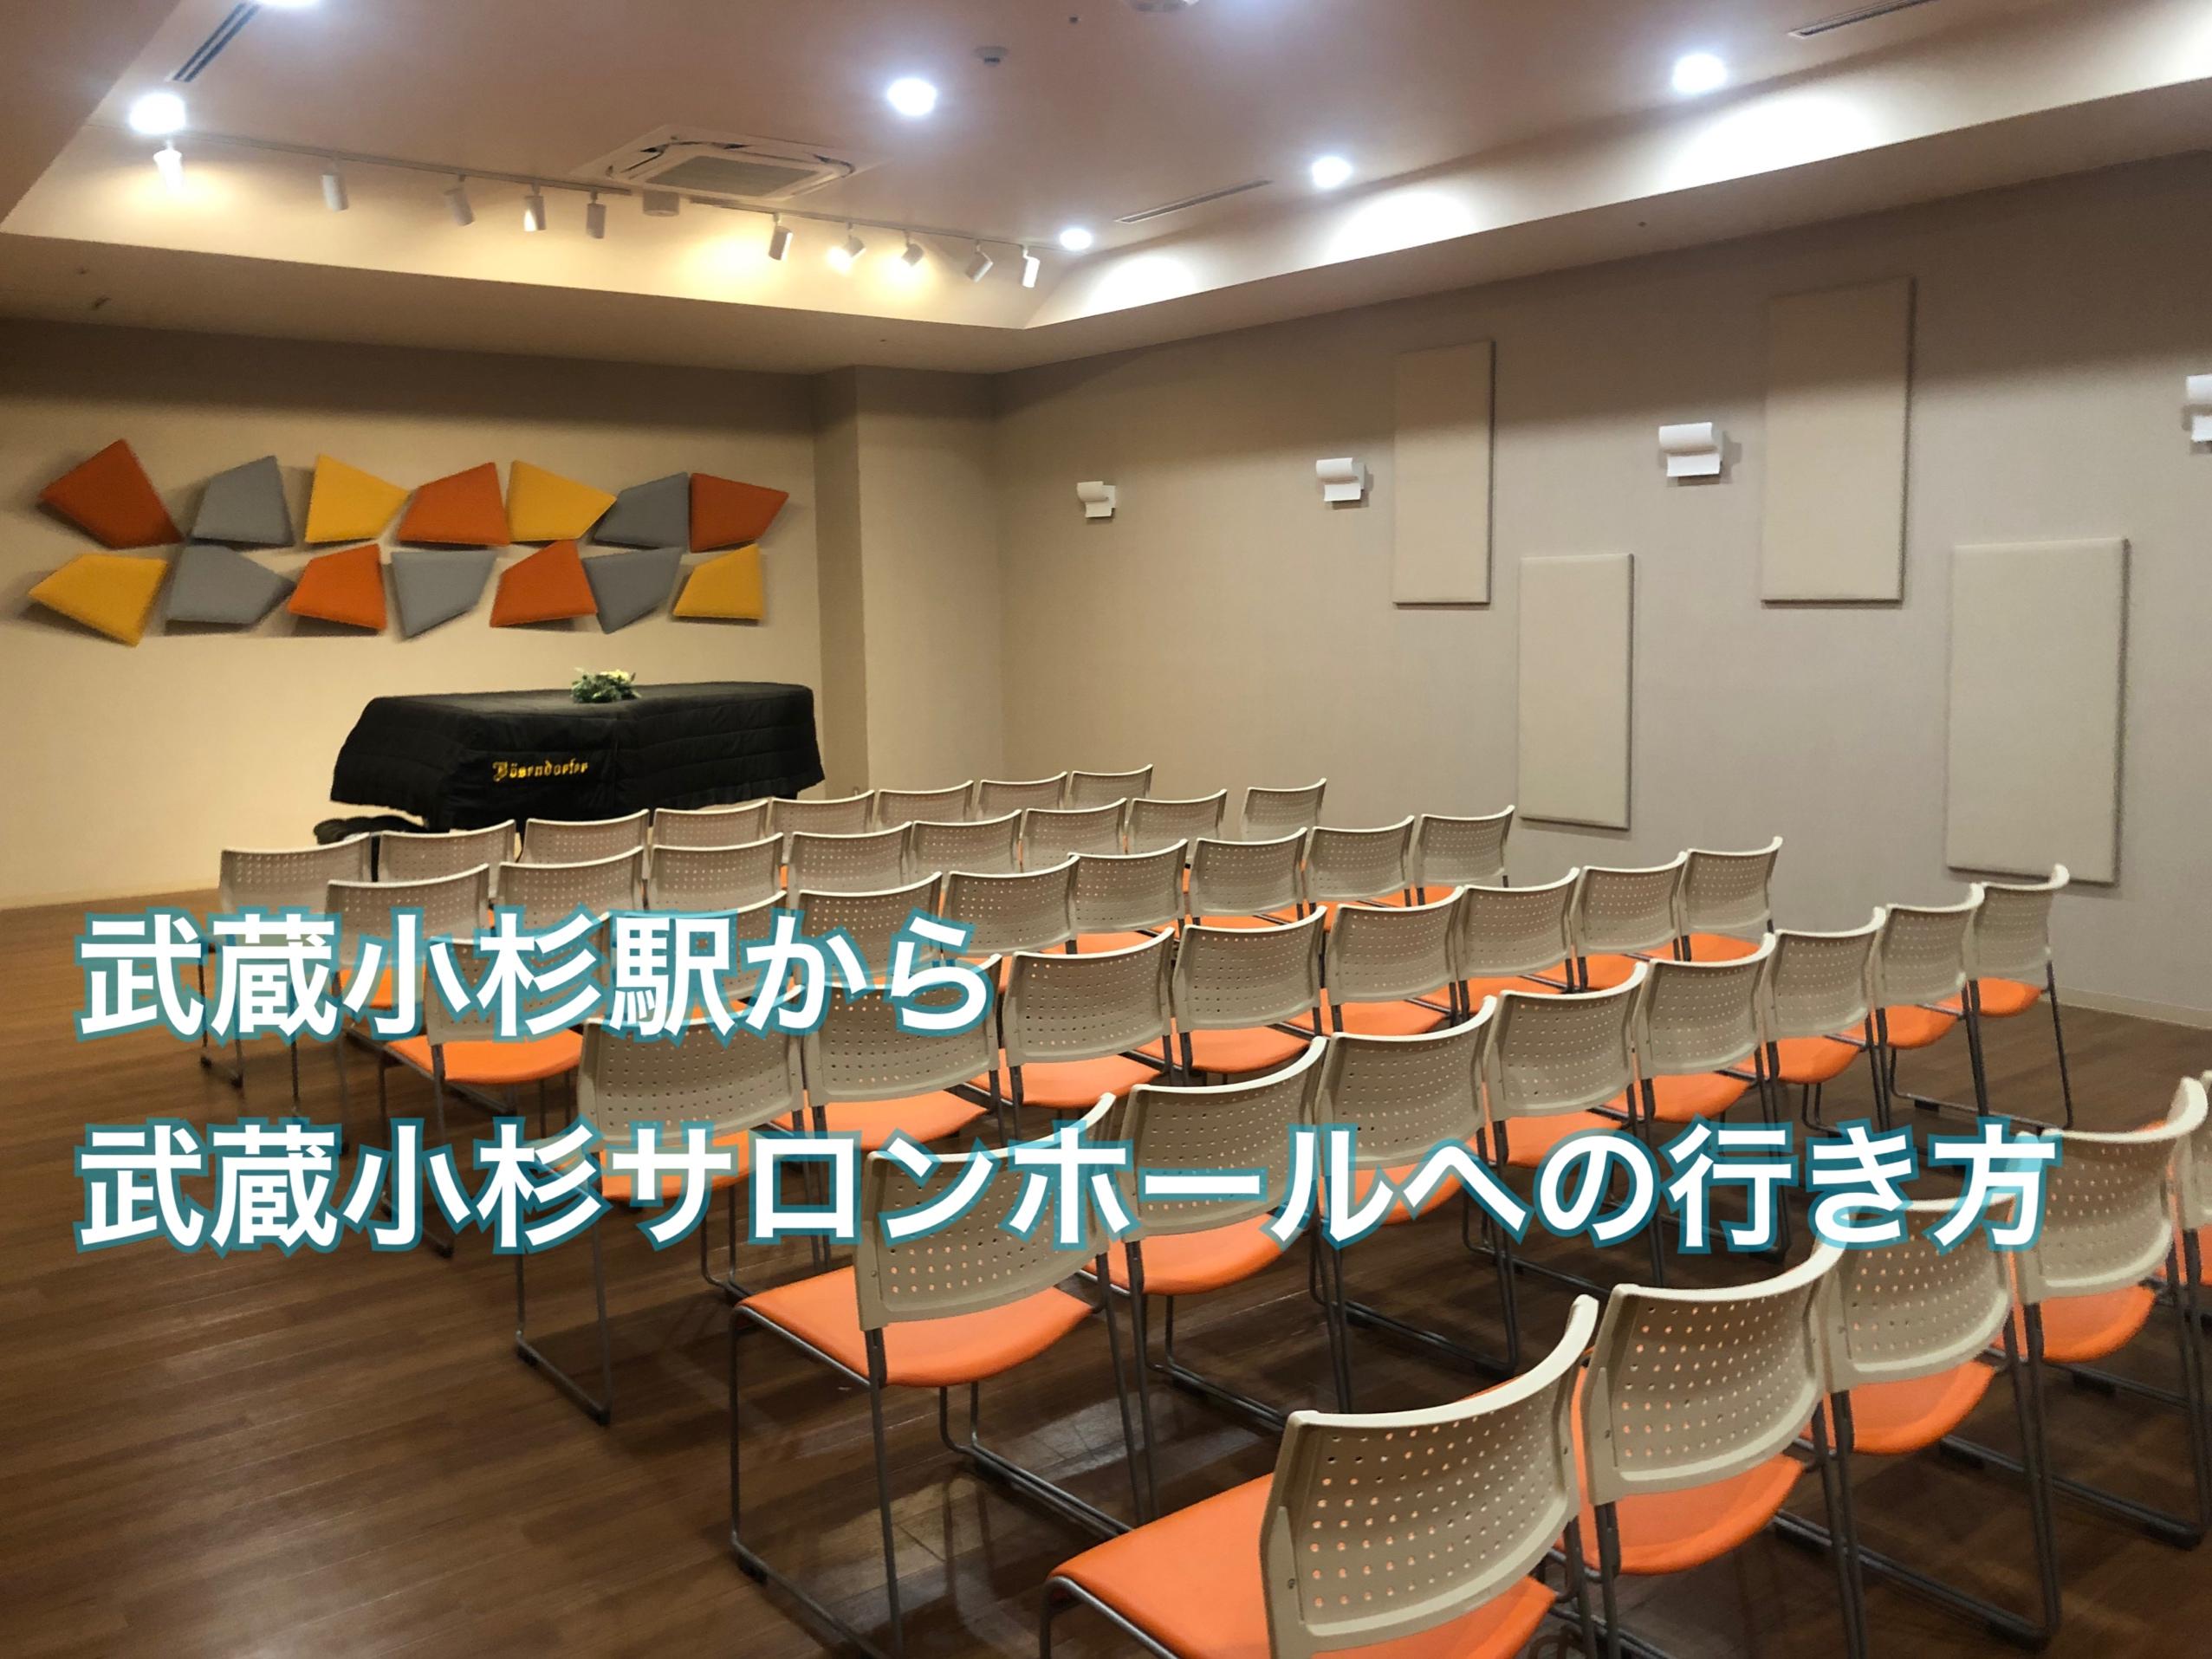 【かんたんアクセス】もう迷わない!武蔵小杉サロンホールへの行き方 ※入口にご注意